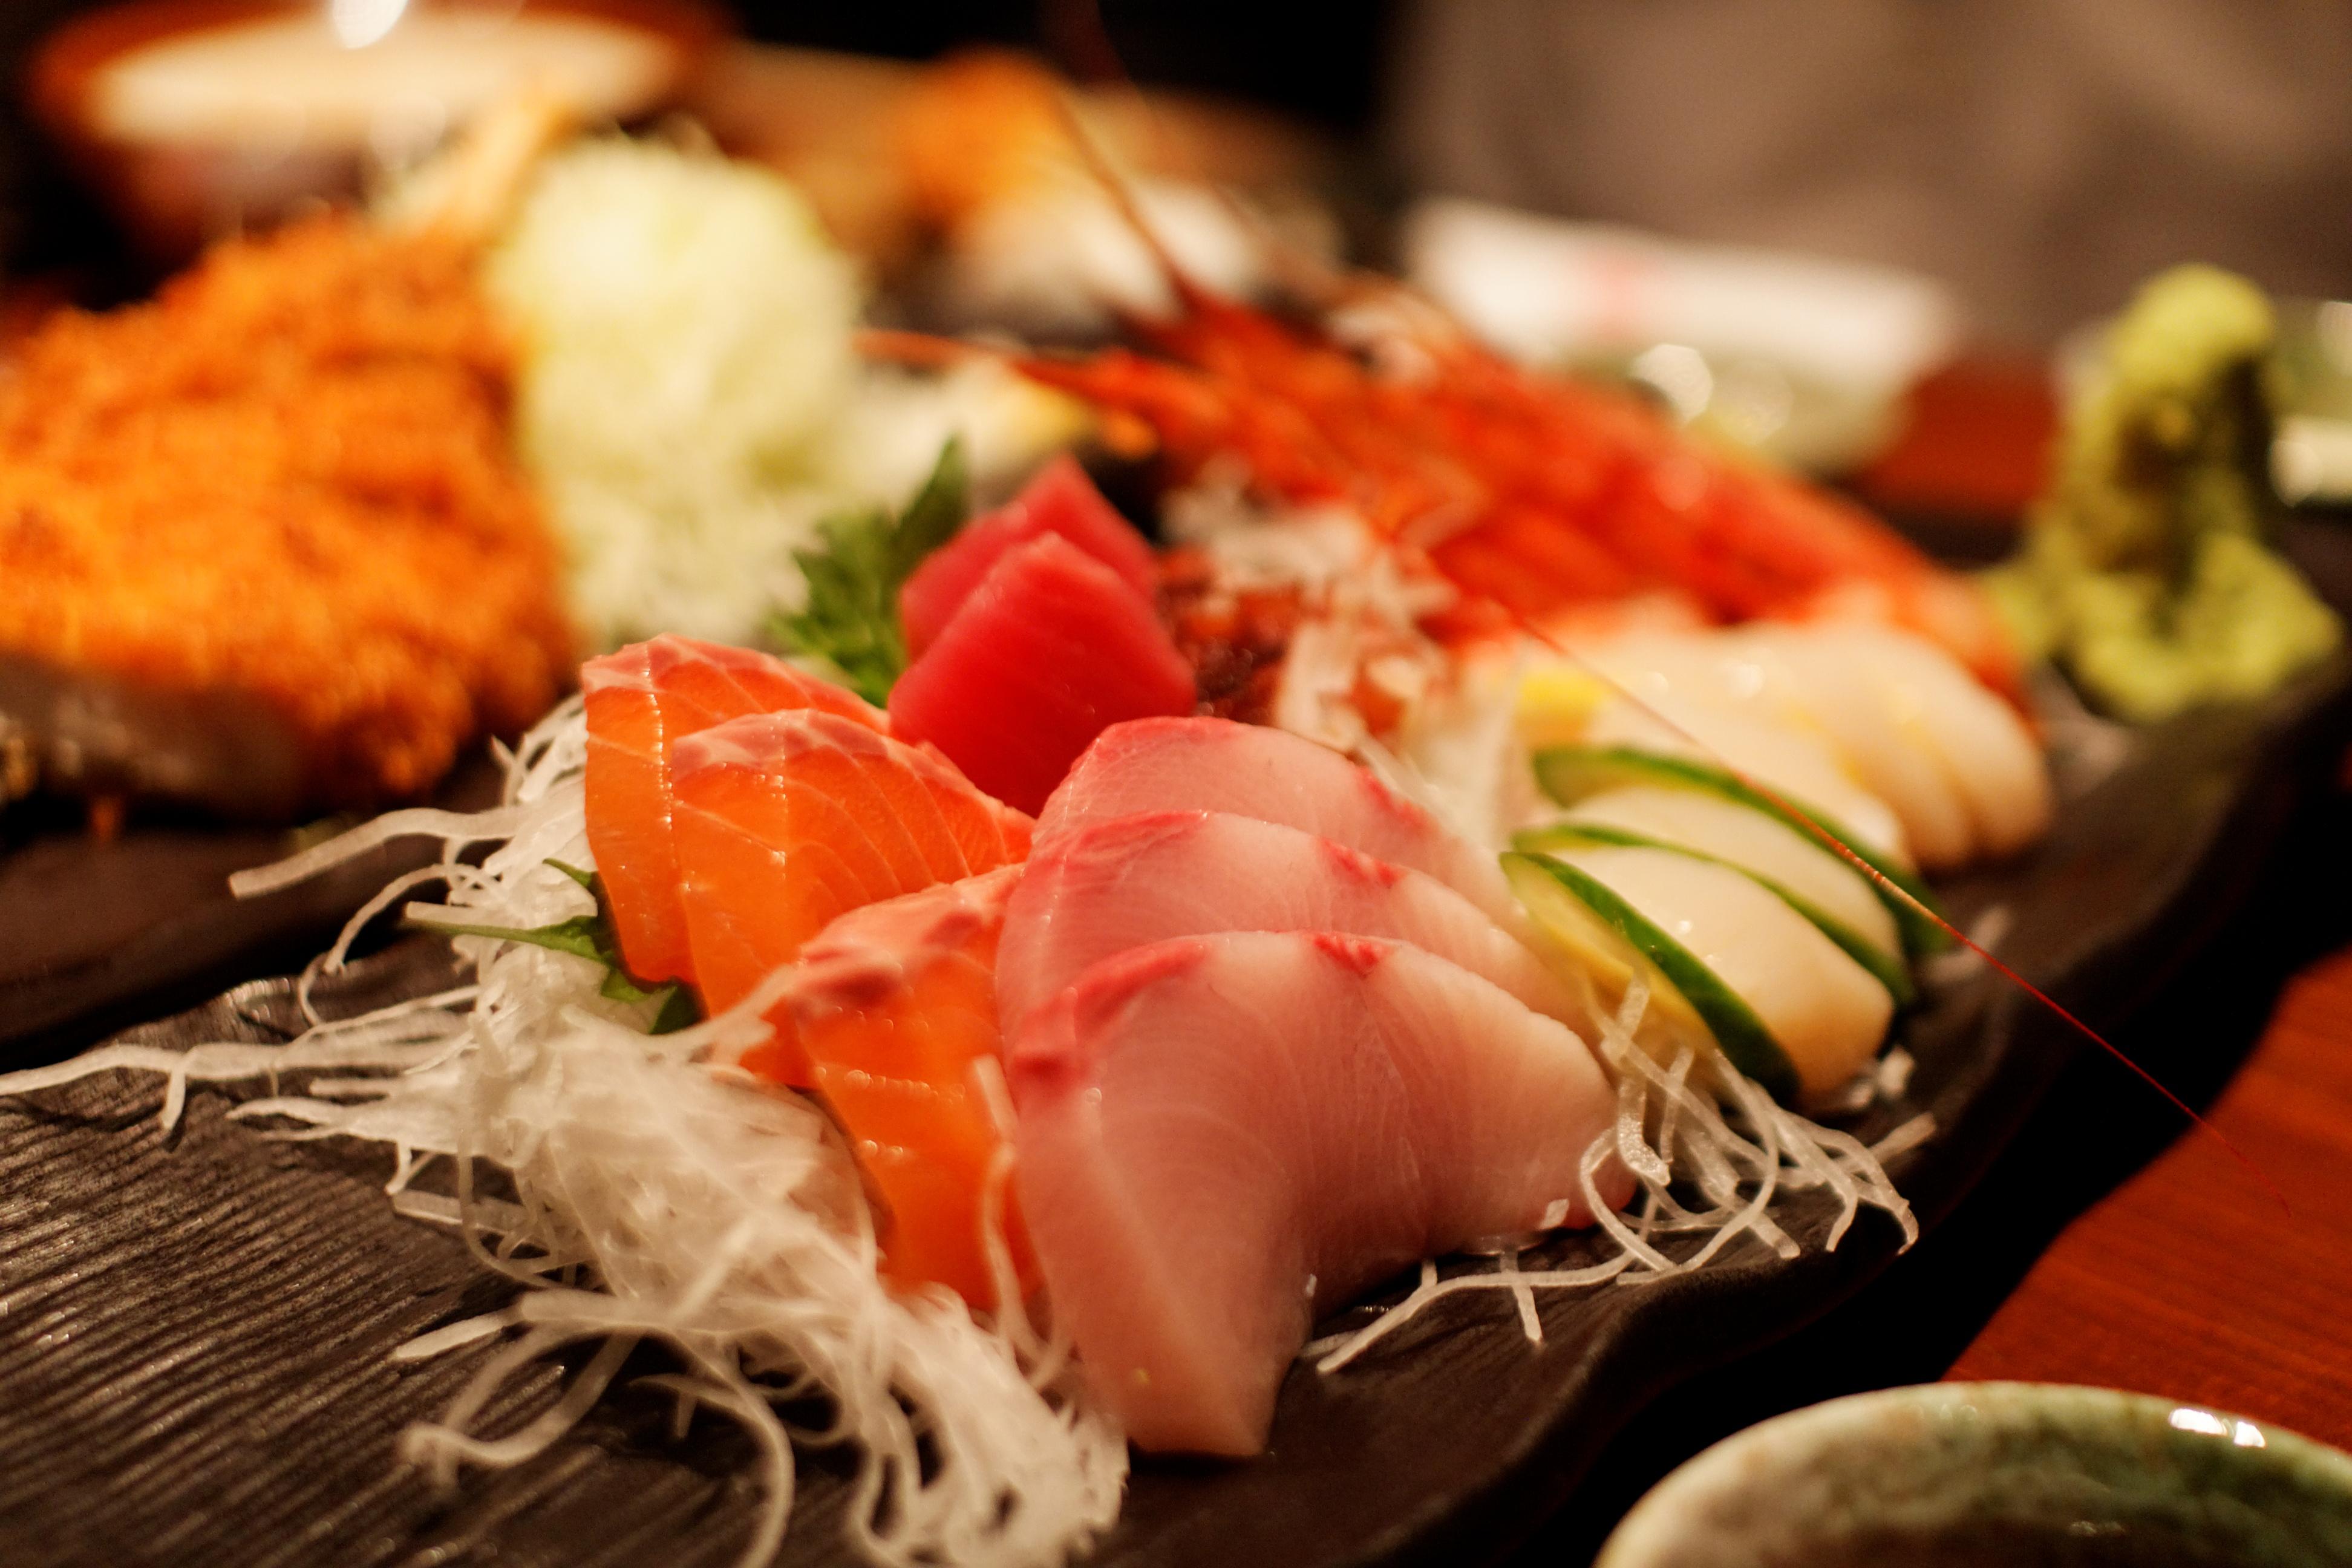 刺身にお寿司、生魚を愛する日本人は寄生虫が怖くない なぜなら技術があるからだ=中国メディア